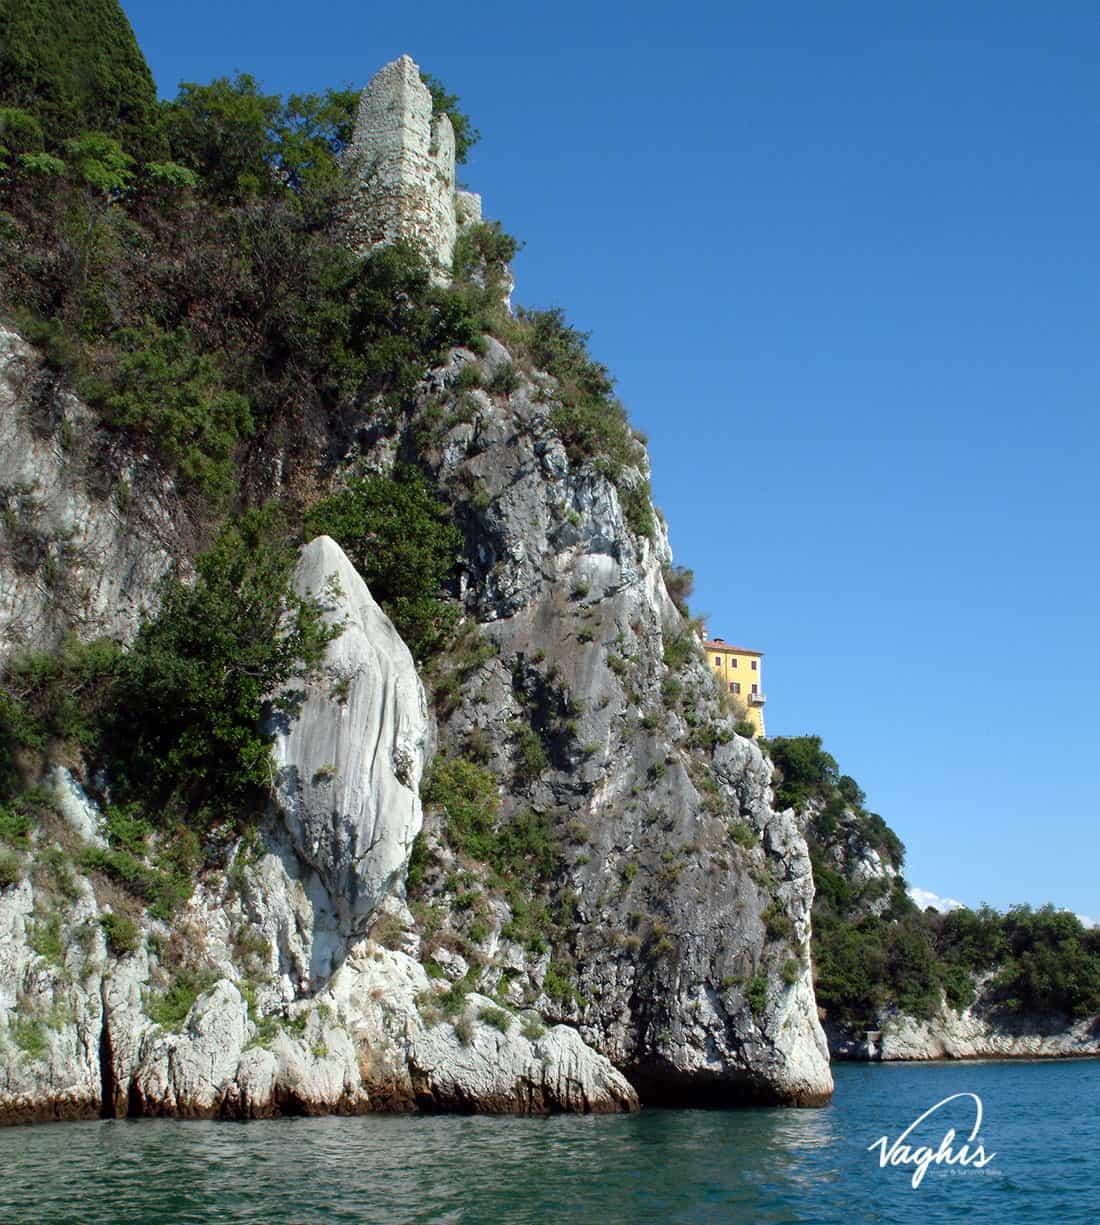 Castello di Duino: La Dama Bianca - © Vaghis - viaggi & turismo Italia - Tutti-i-diritti riservati